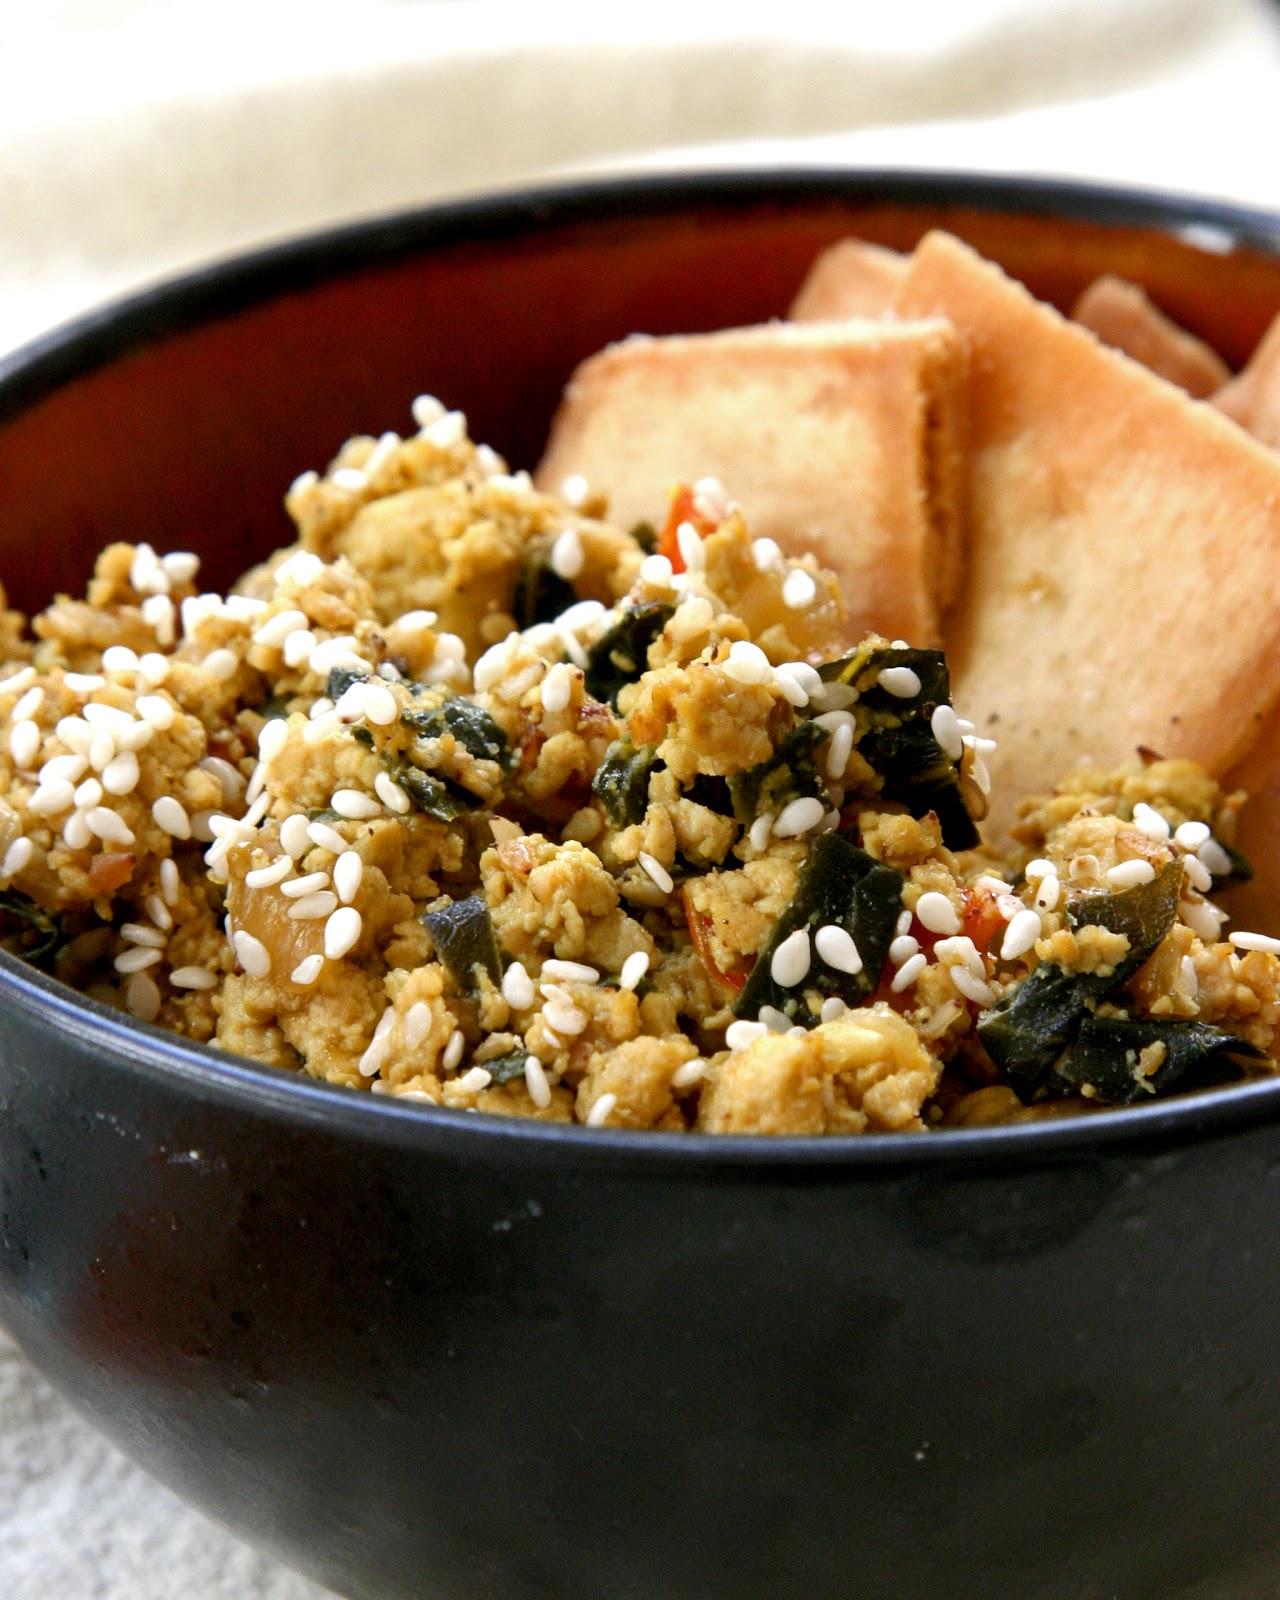 hanna's vegan kitchen: sesame tofu scramble